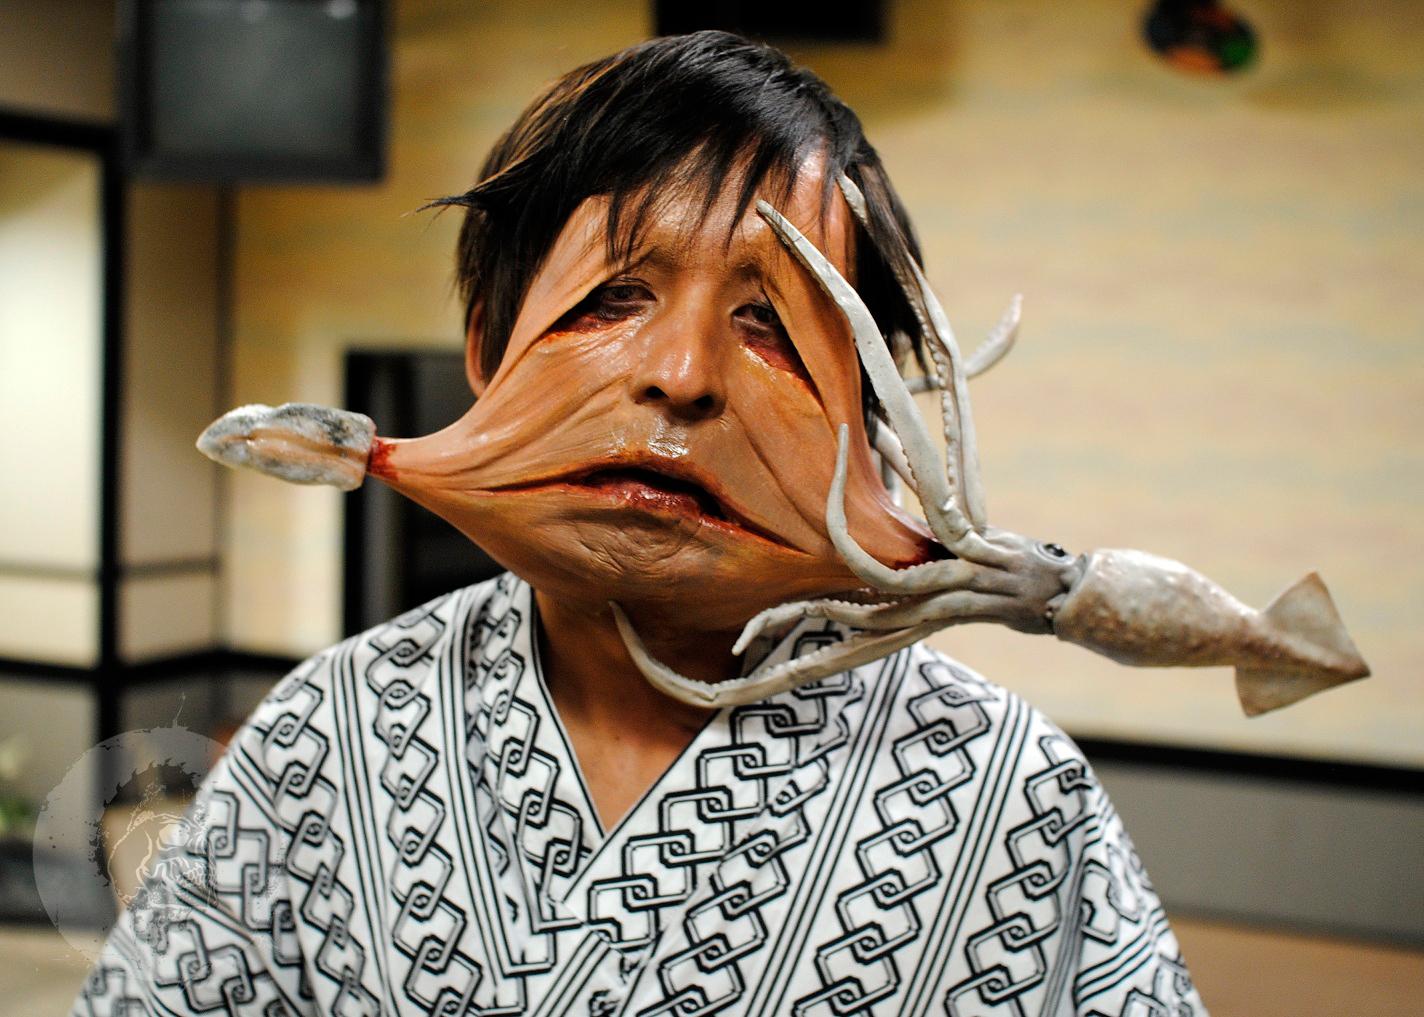 злой японец картинка кого звёздных красавиц